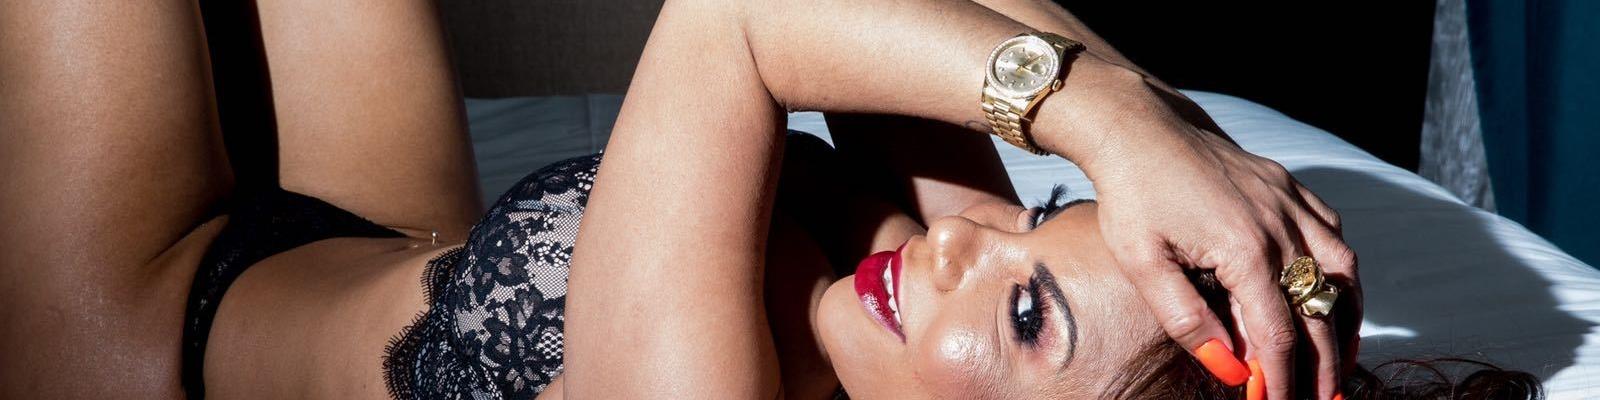 Natalia Brazil's Cover Photo